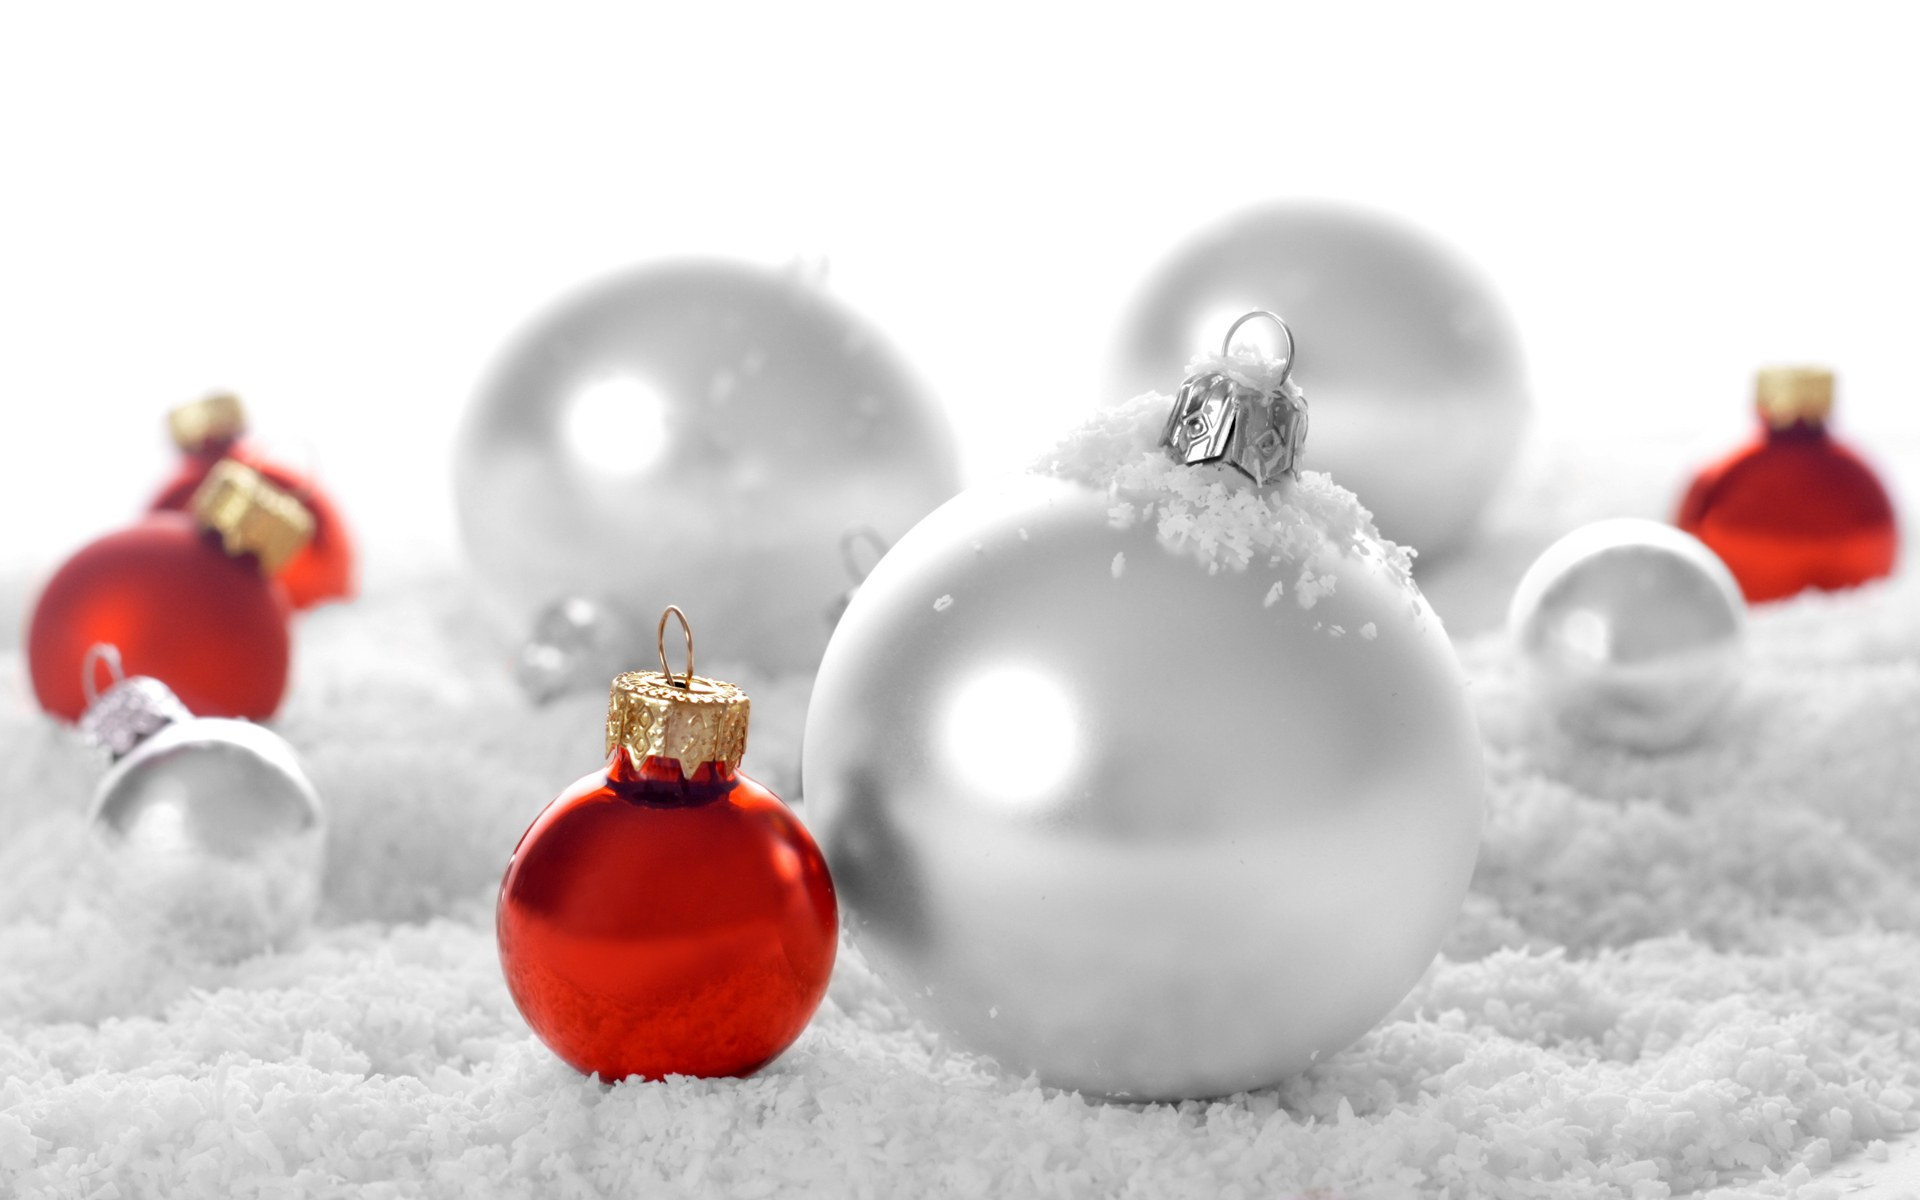 壁纸1920×1200圣诞节彩球挂件图片素材 1920 1600壁纸 五彩圣诞节彩球壁纸壁纸图片节日壁纸节日图片素材桌面壁纸